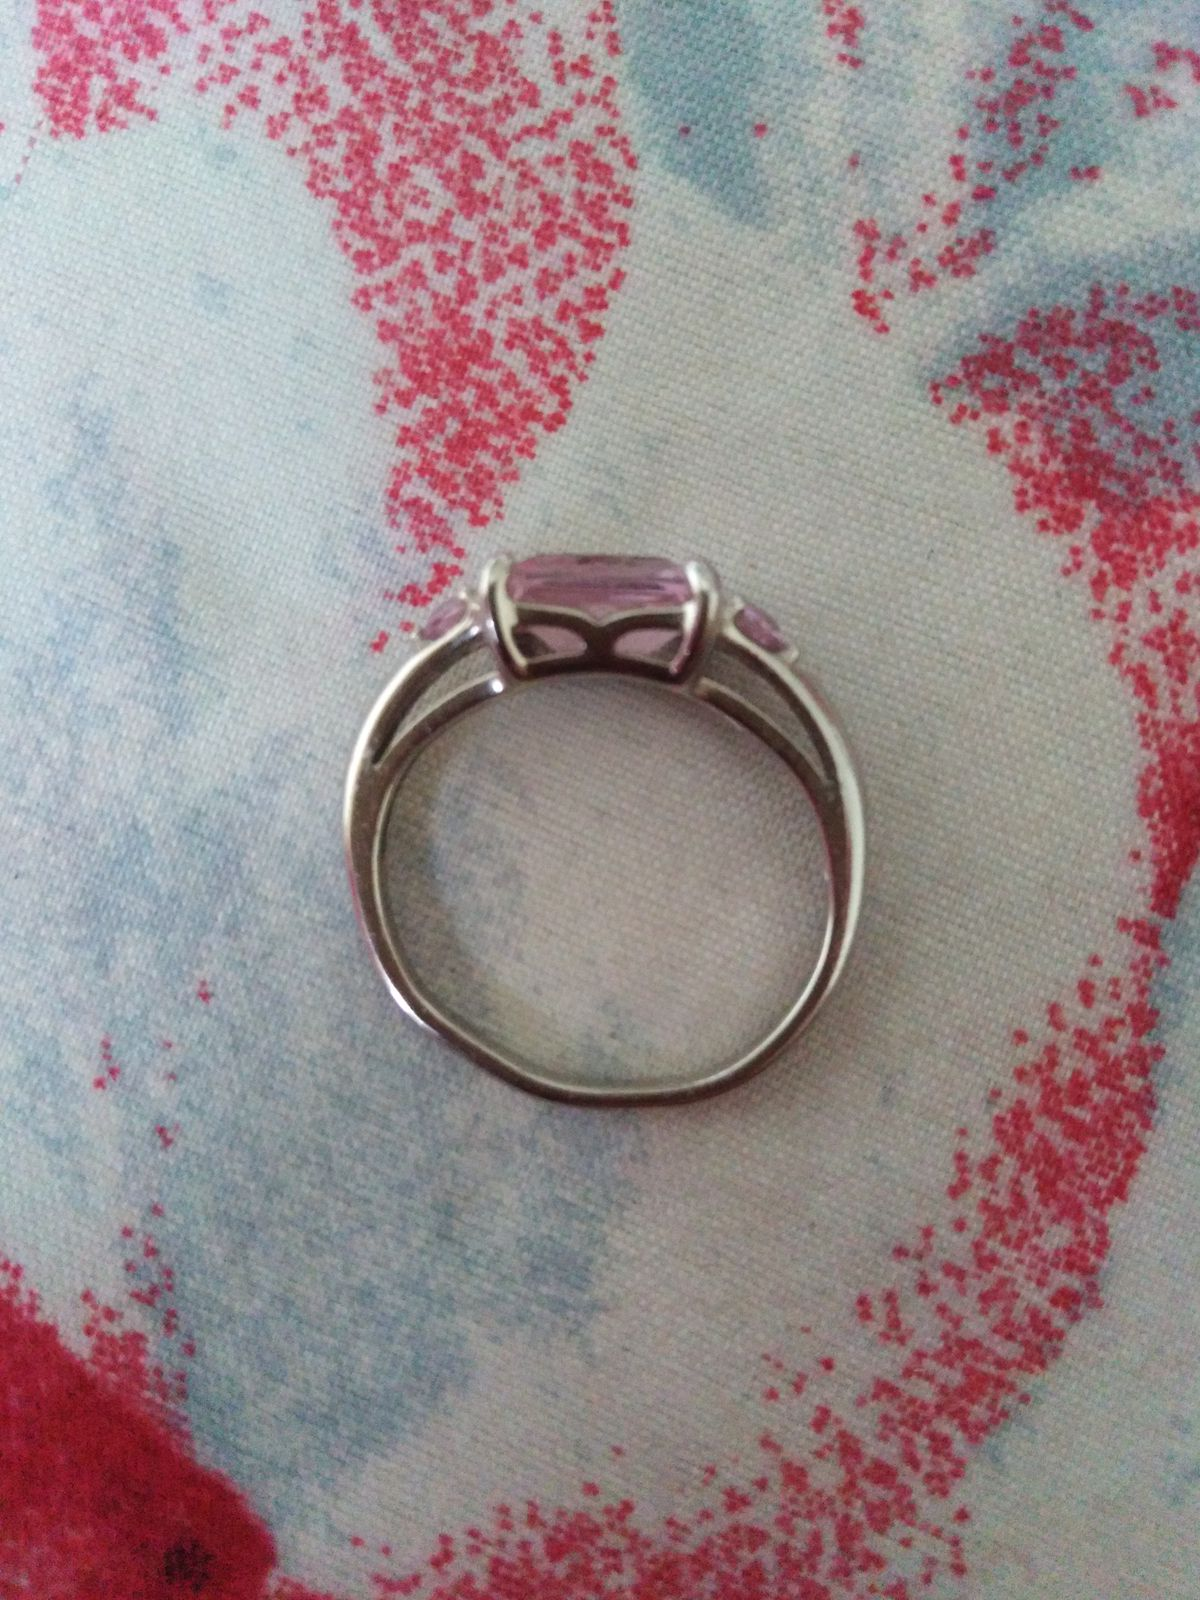 Кольцо красивое, но качество под вопросом